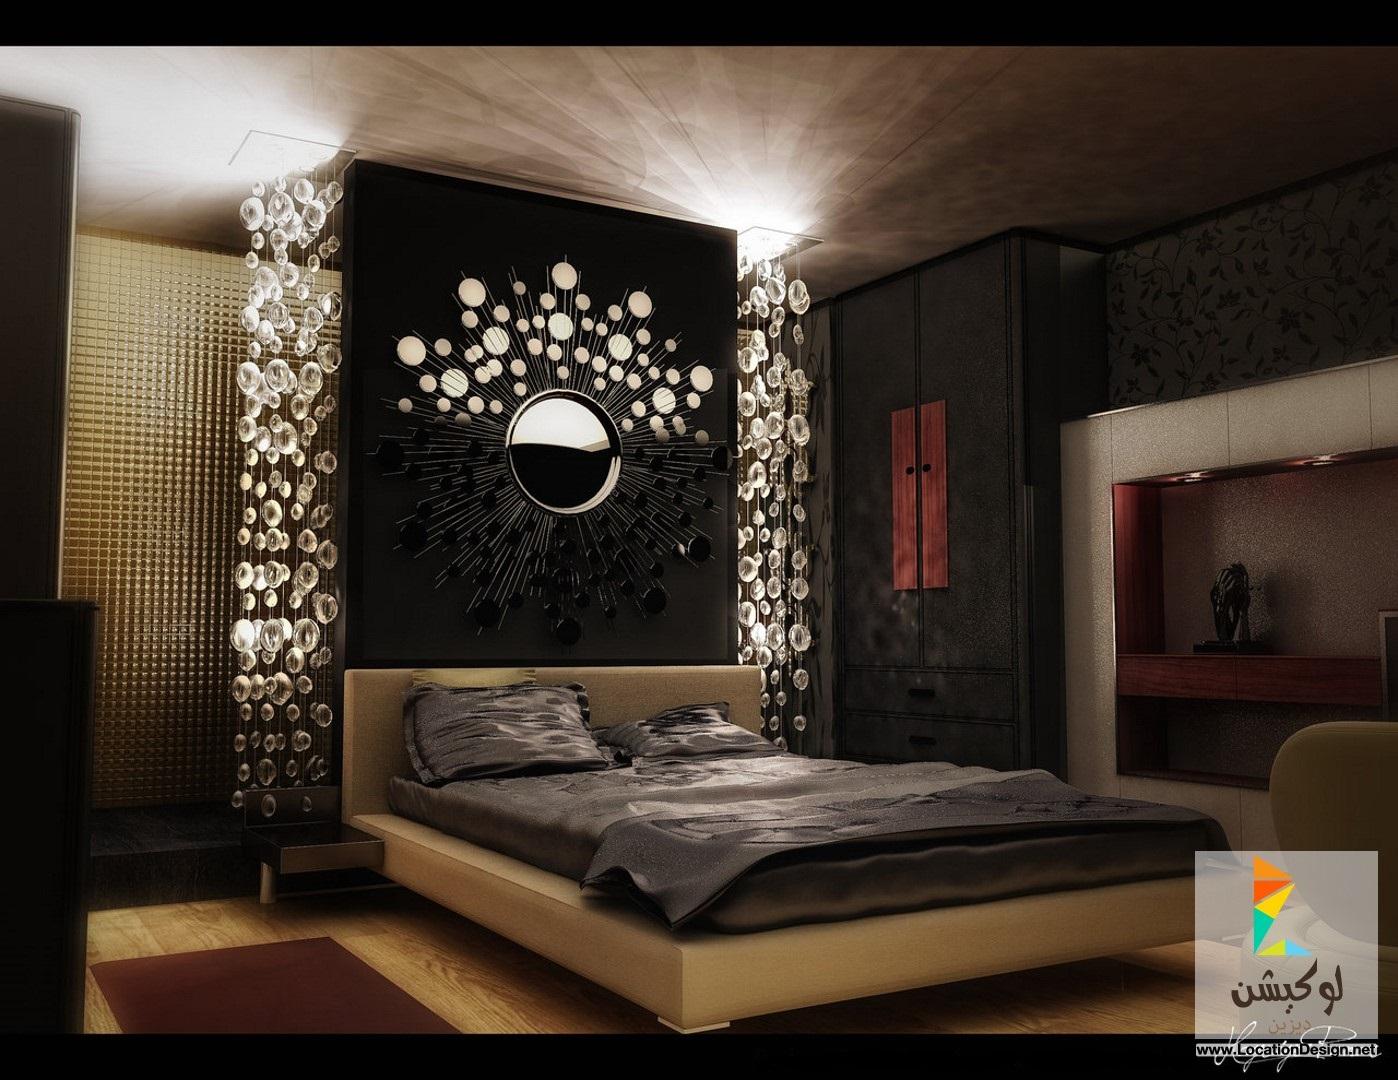 بالصور اجمل غرف نوم , غرف نوم عصريه 5372 5